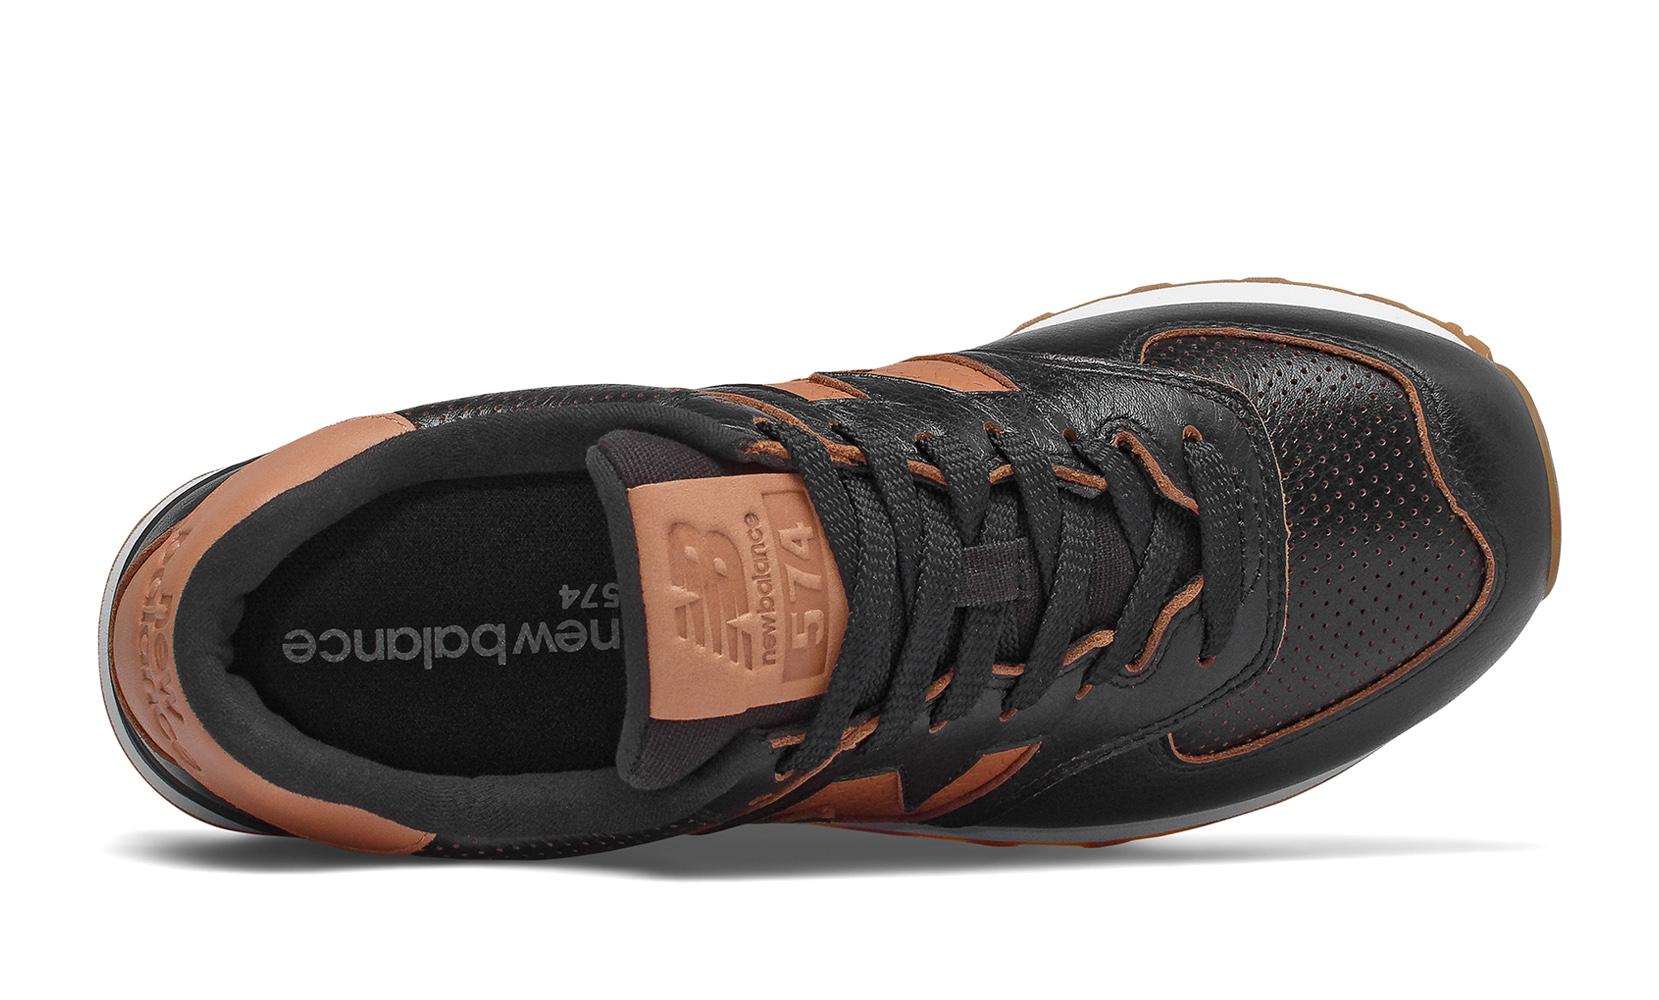 Жіноче взуття повсякденне New Balance 574 WL574WNH | New Balance